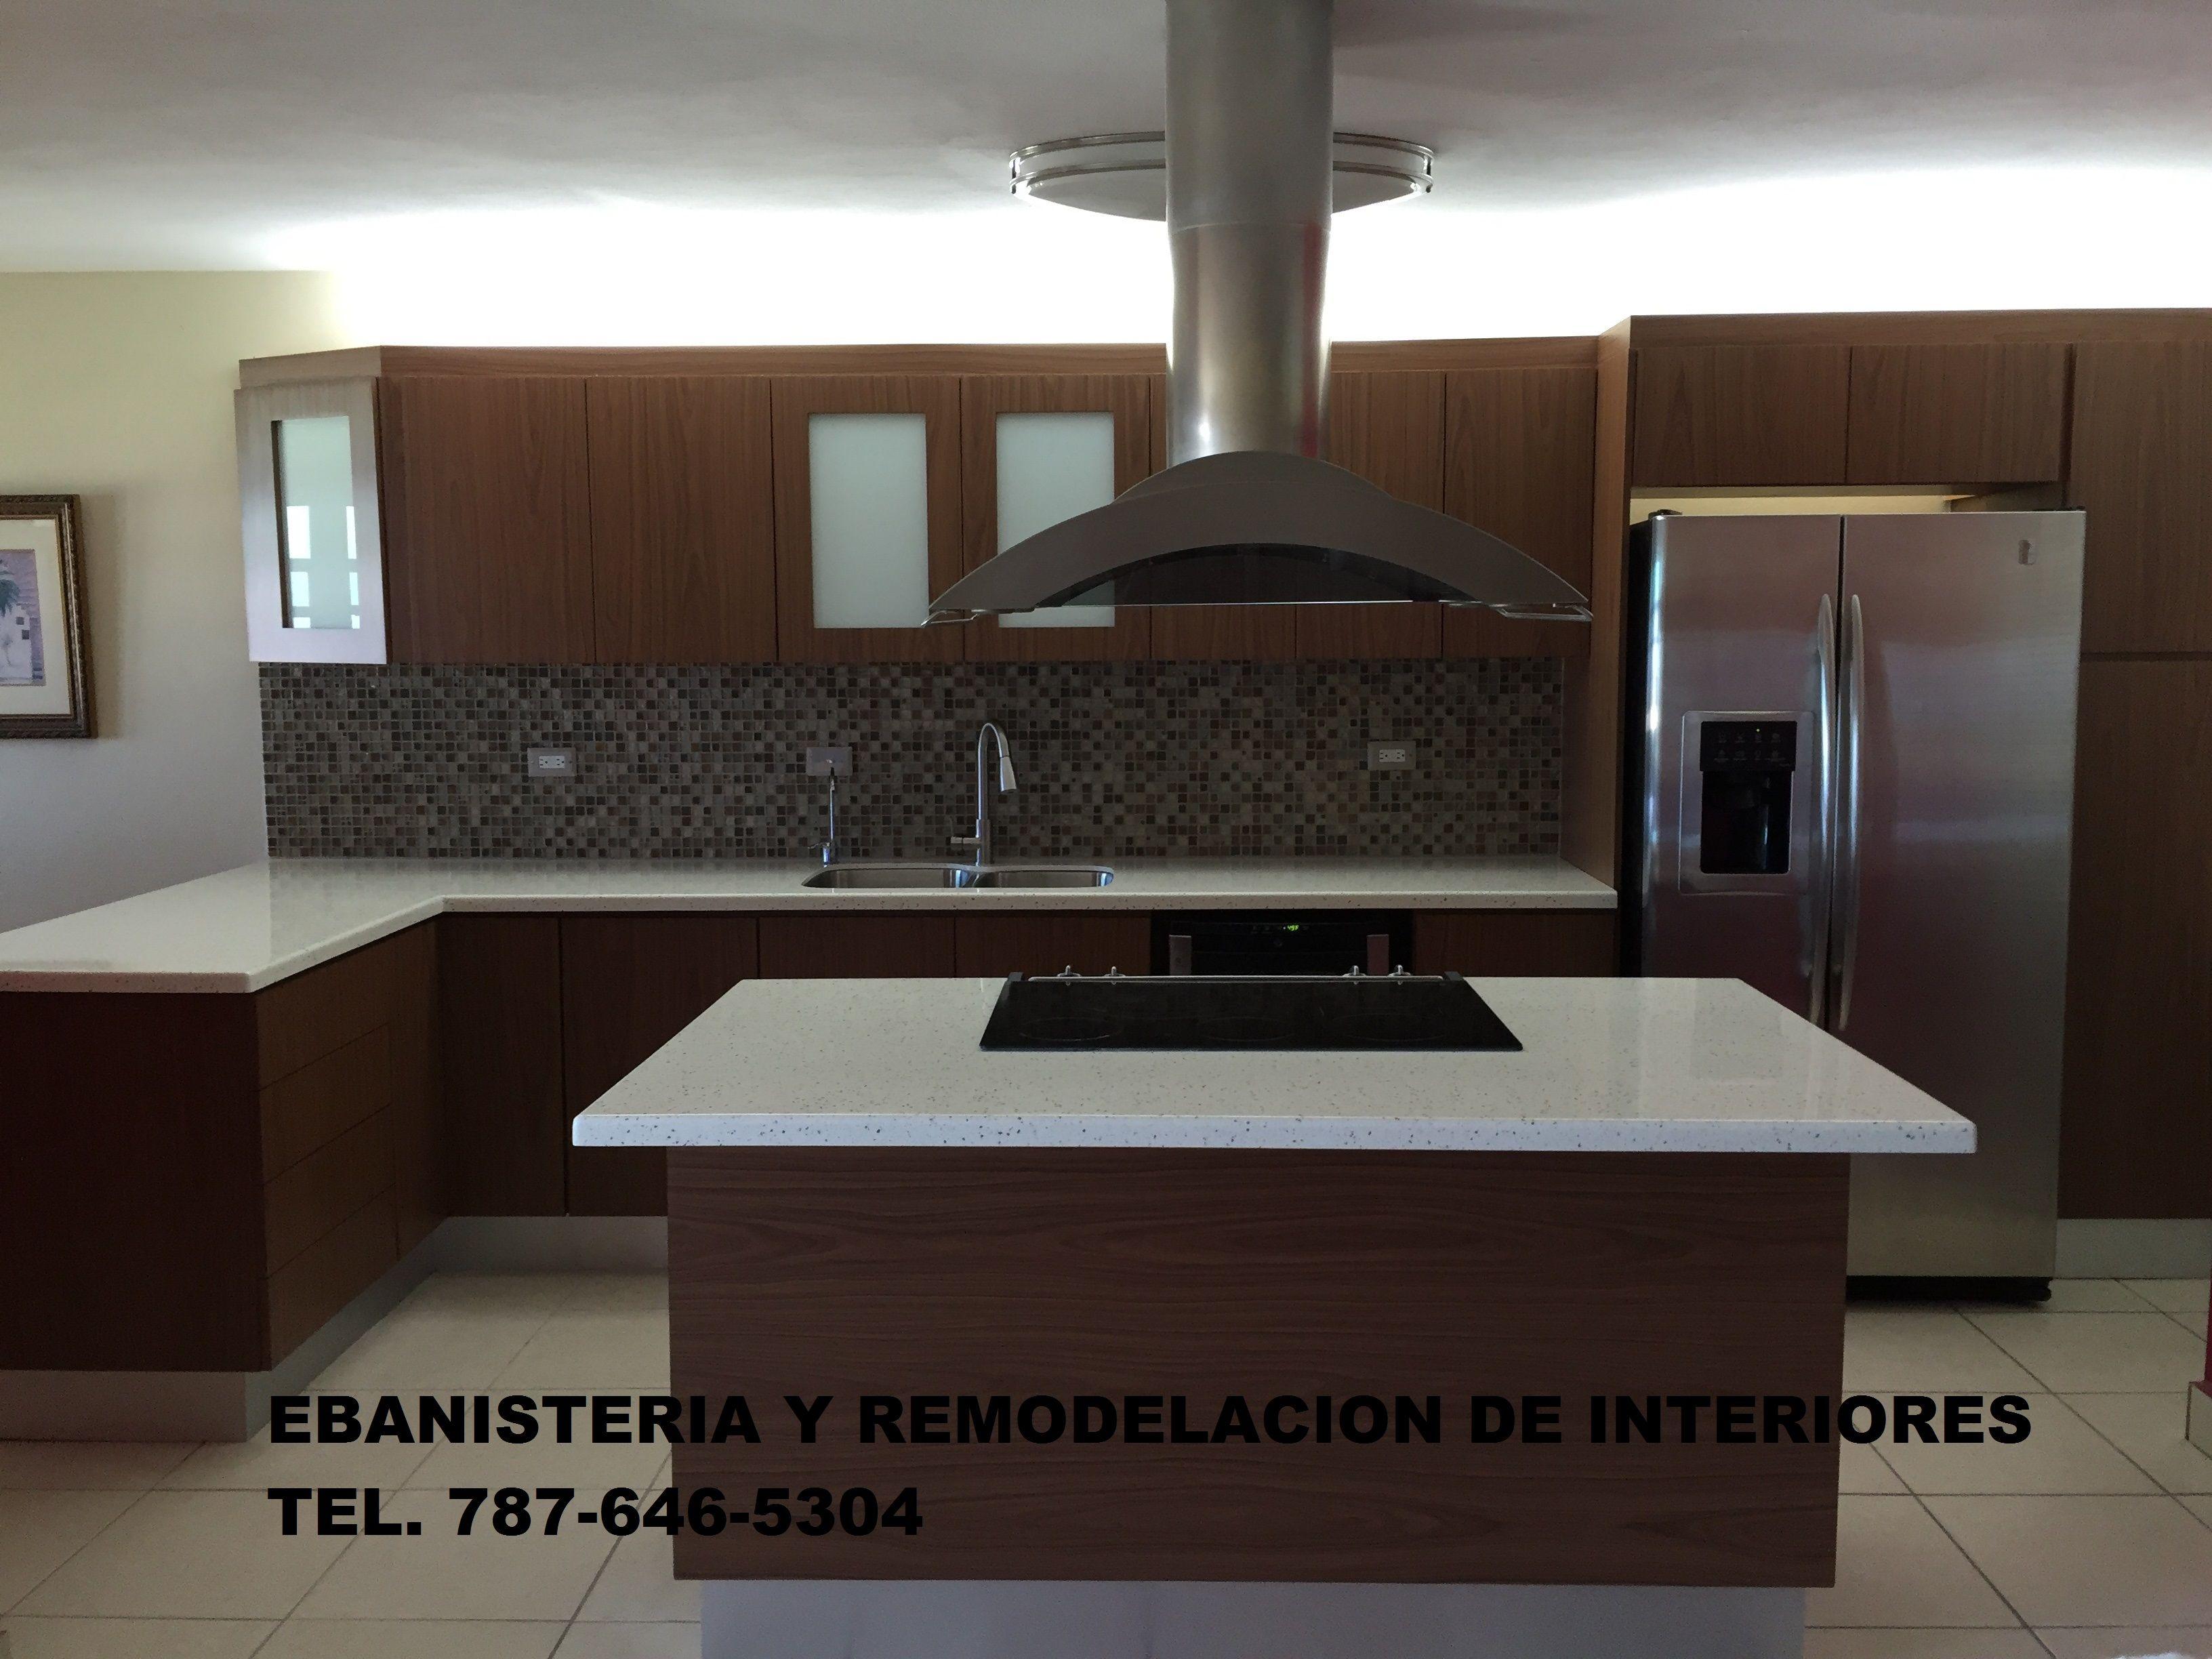 Contratista registrado daco gabinetes de cocina y ba os a - Cocinas en madera ...